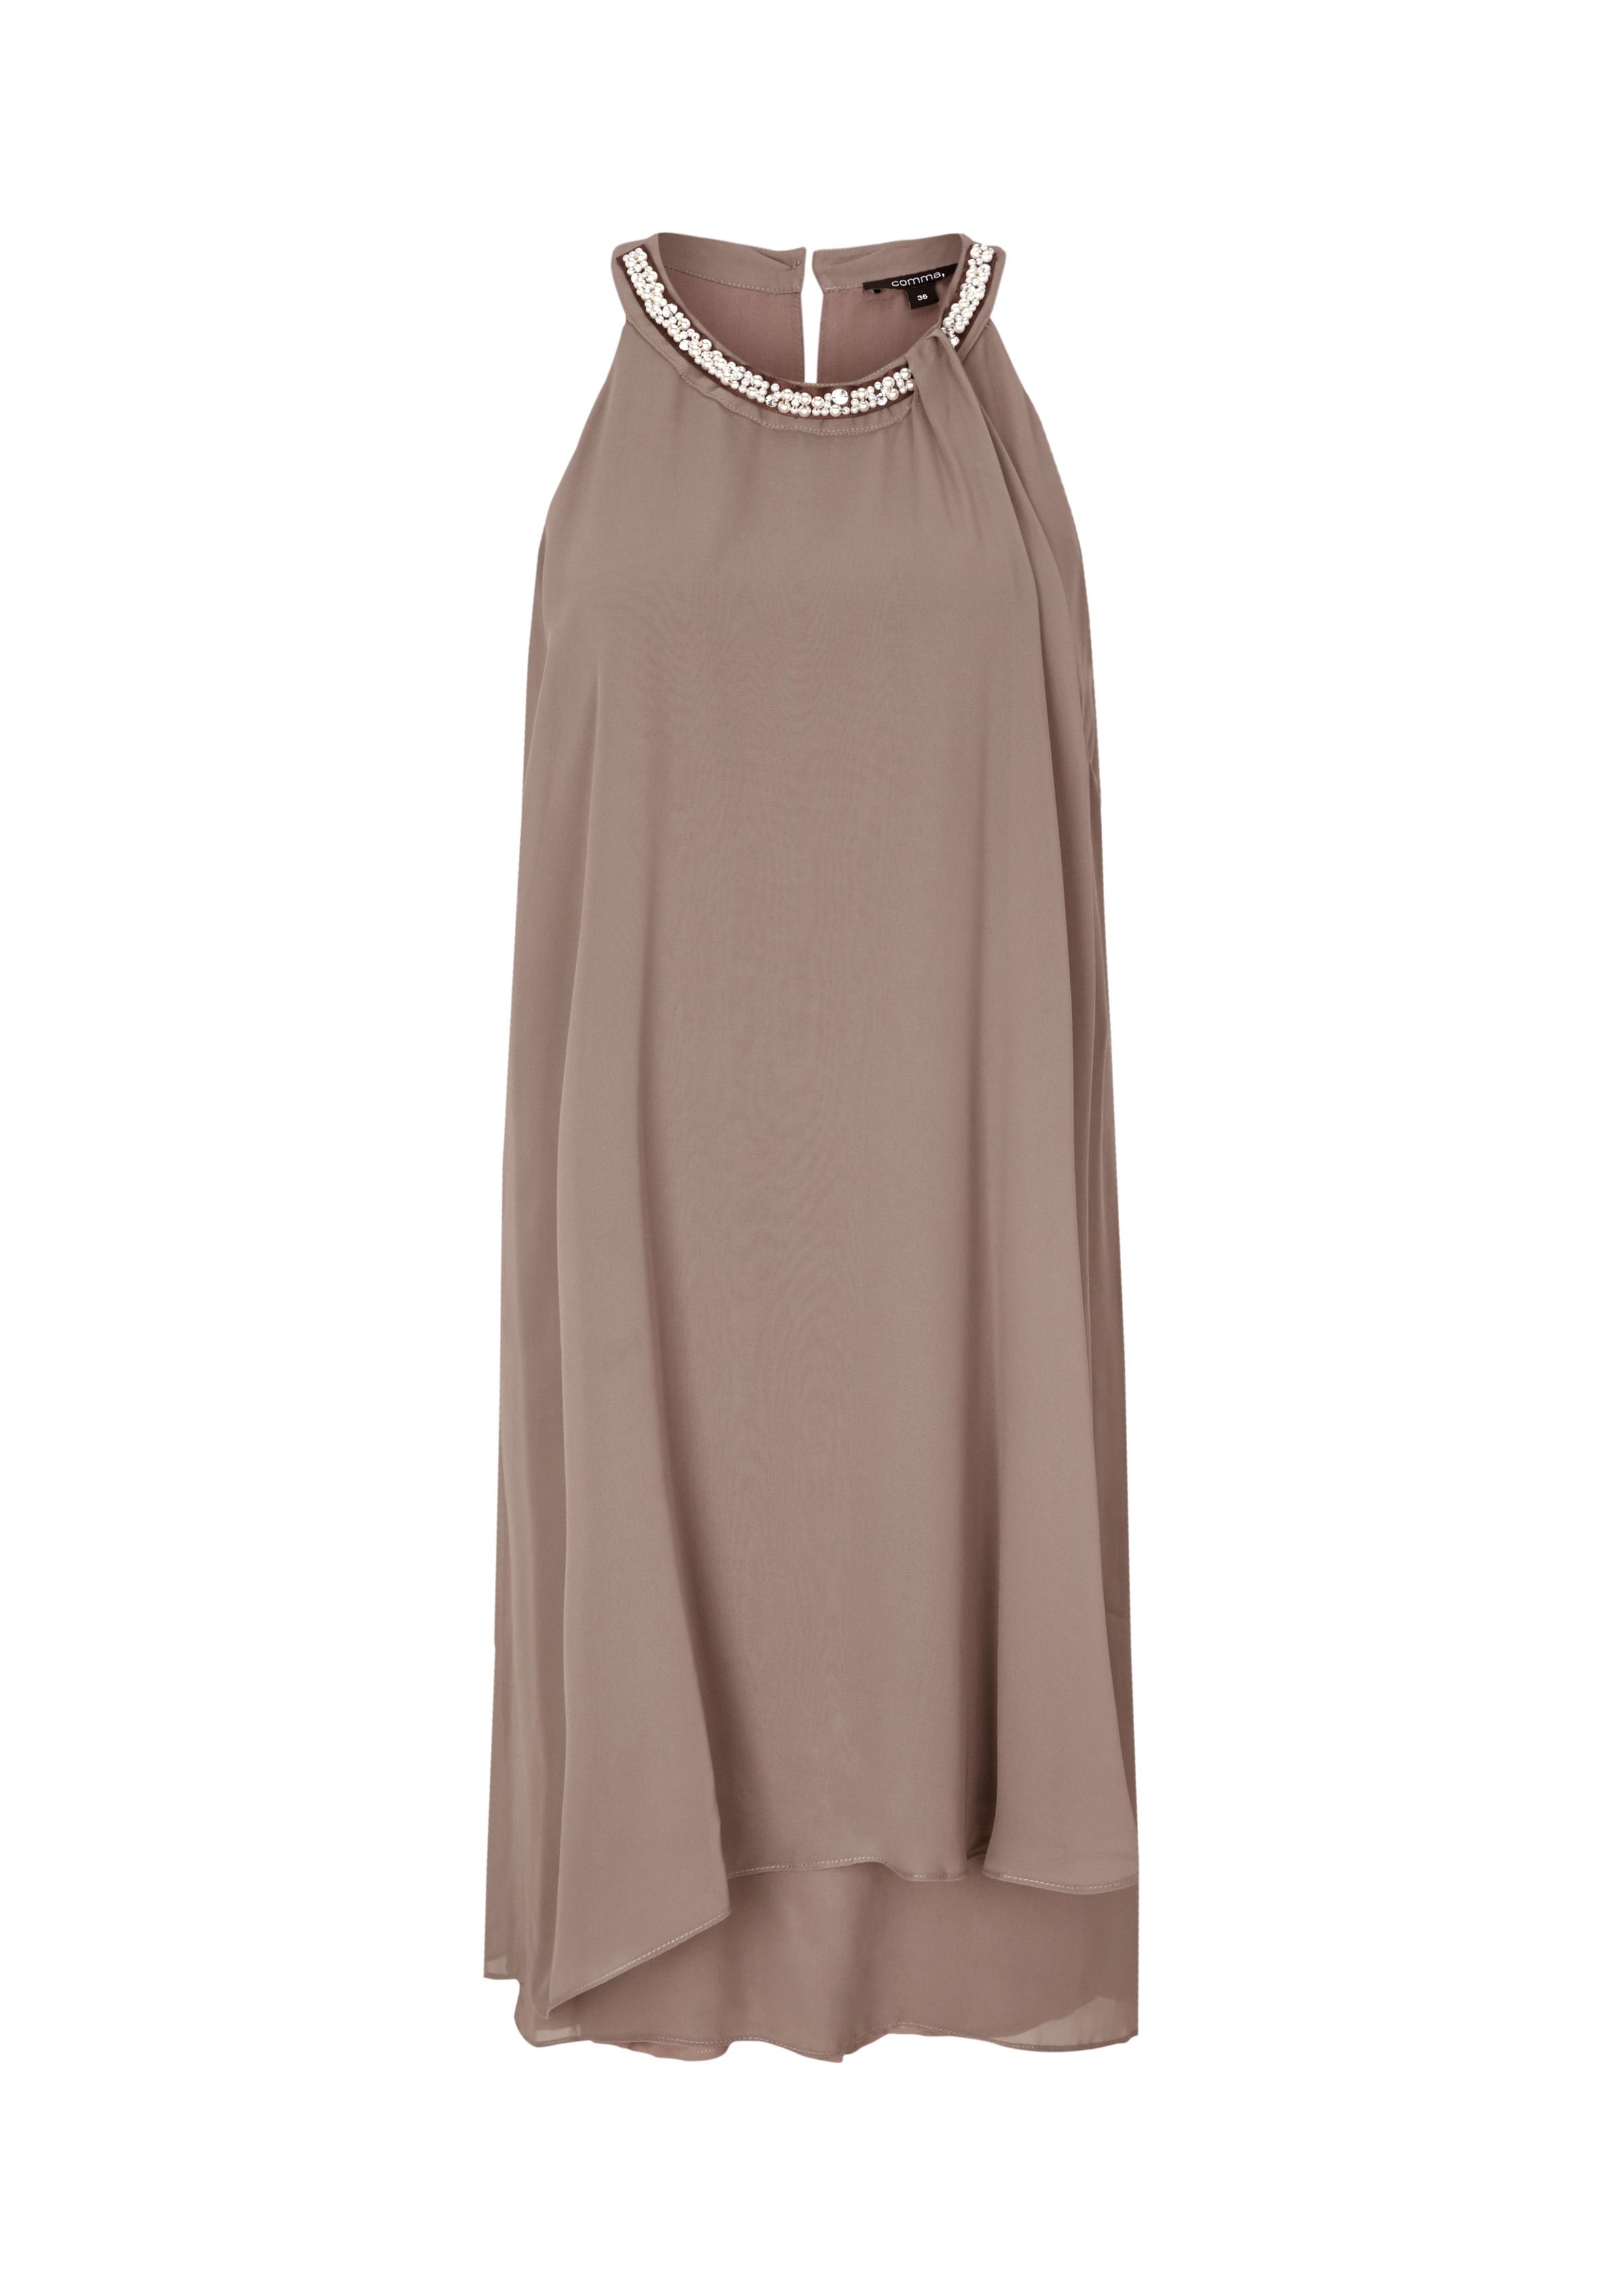 5e57ac78222 Bekleidung » Damen-Kleider online kaufen